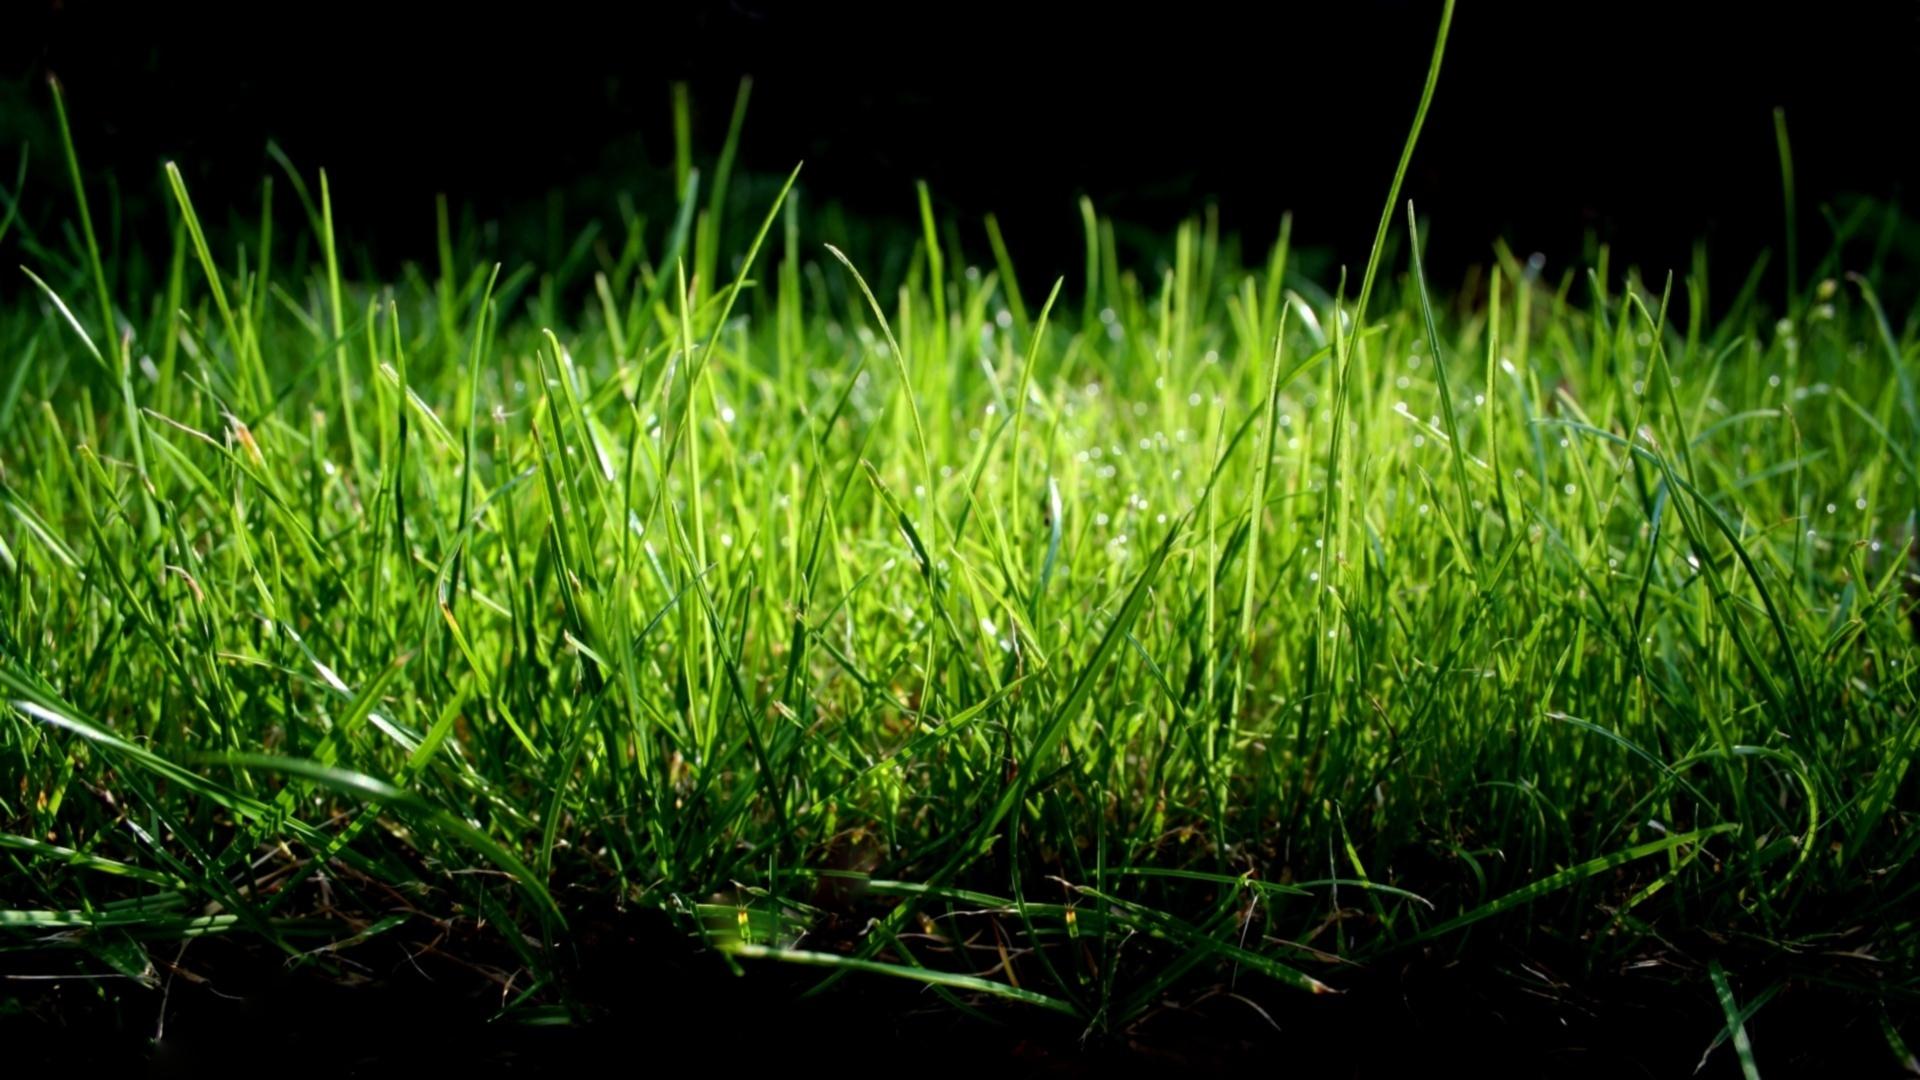 природа макро трава  № 2758824 загрузить